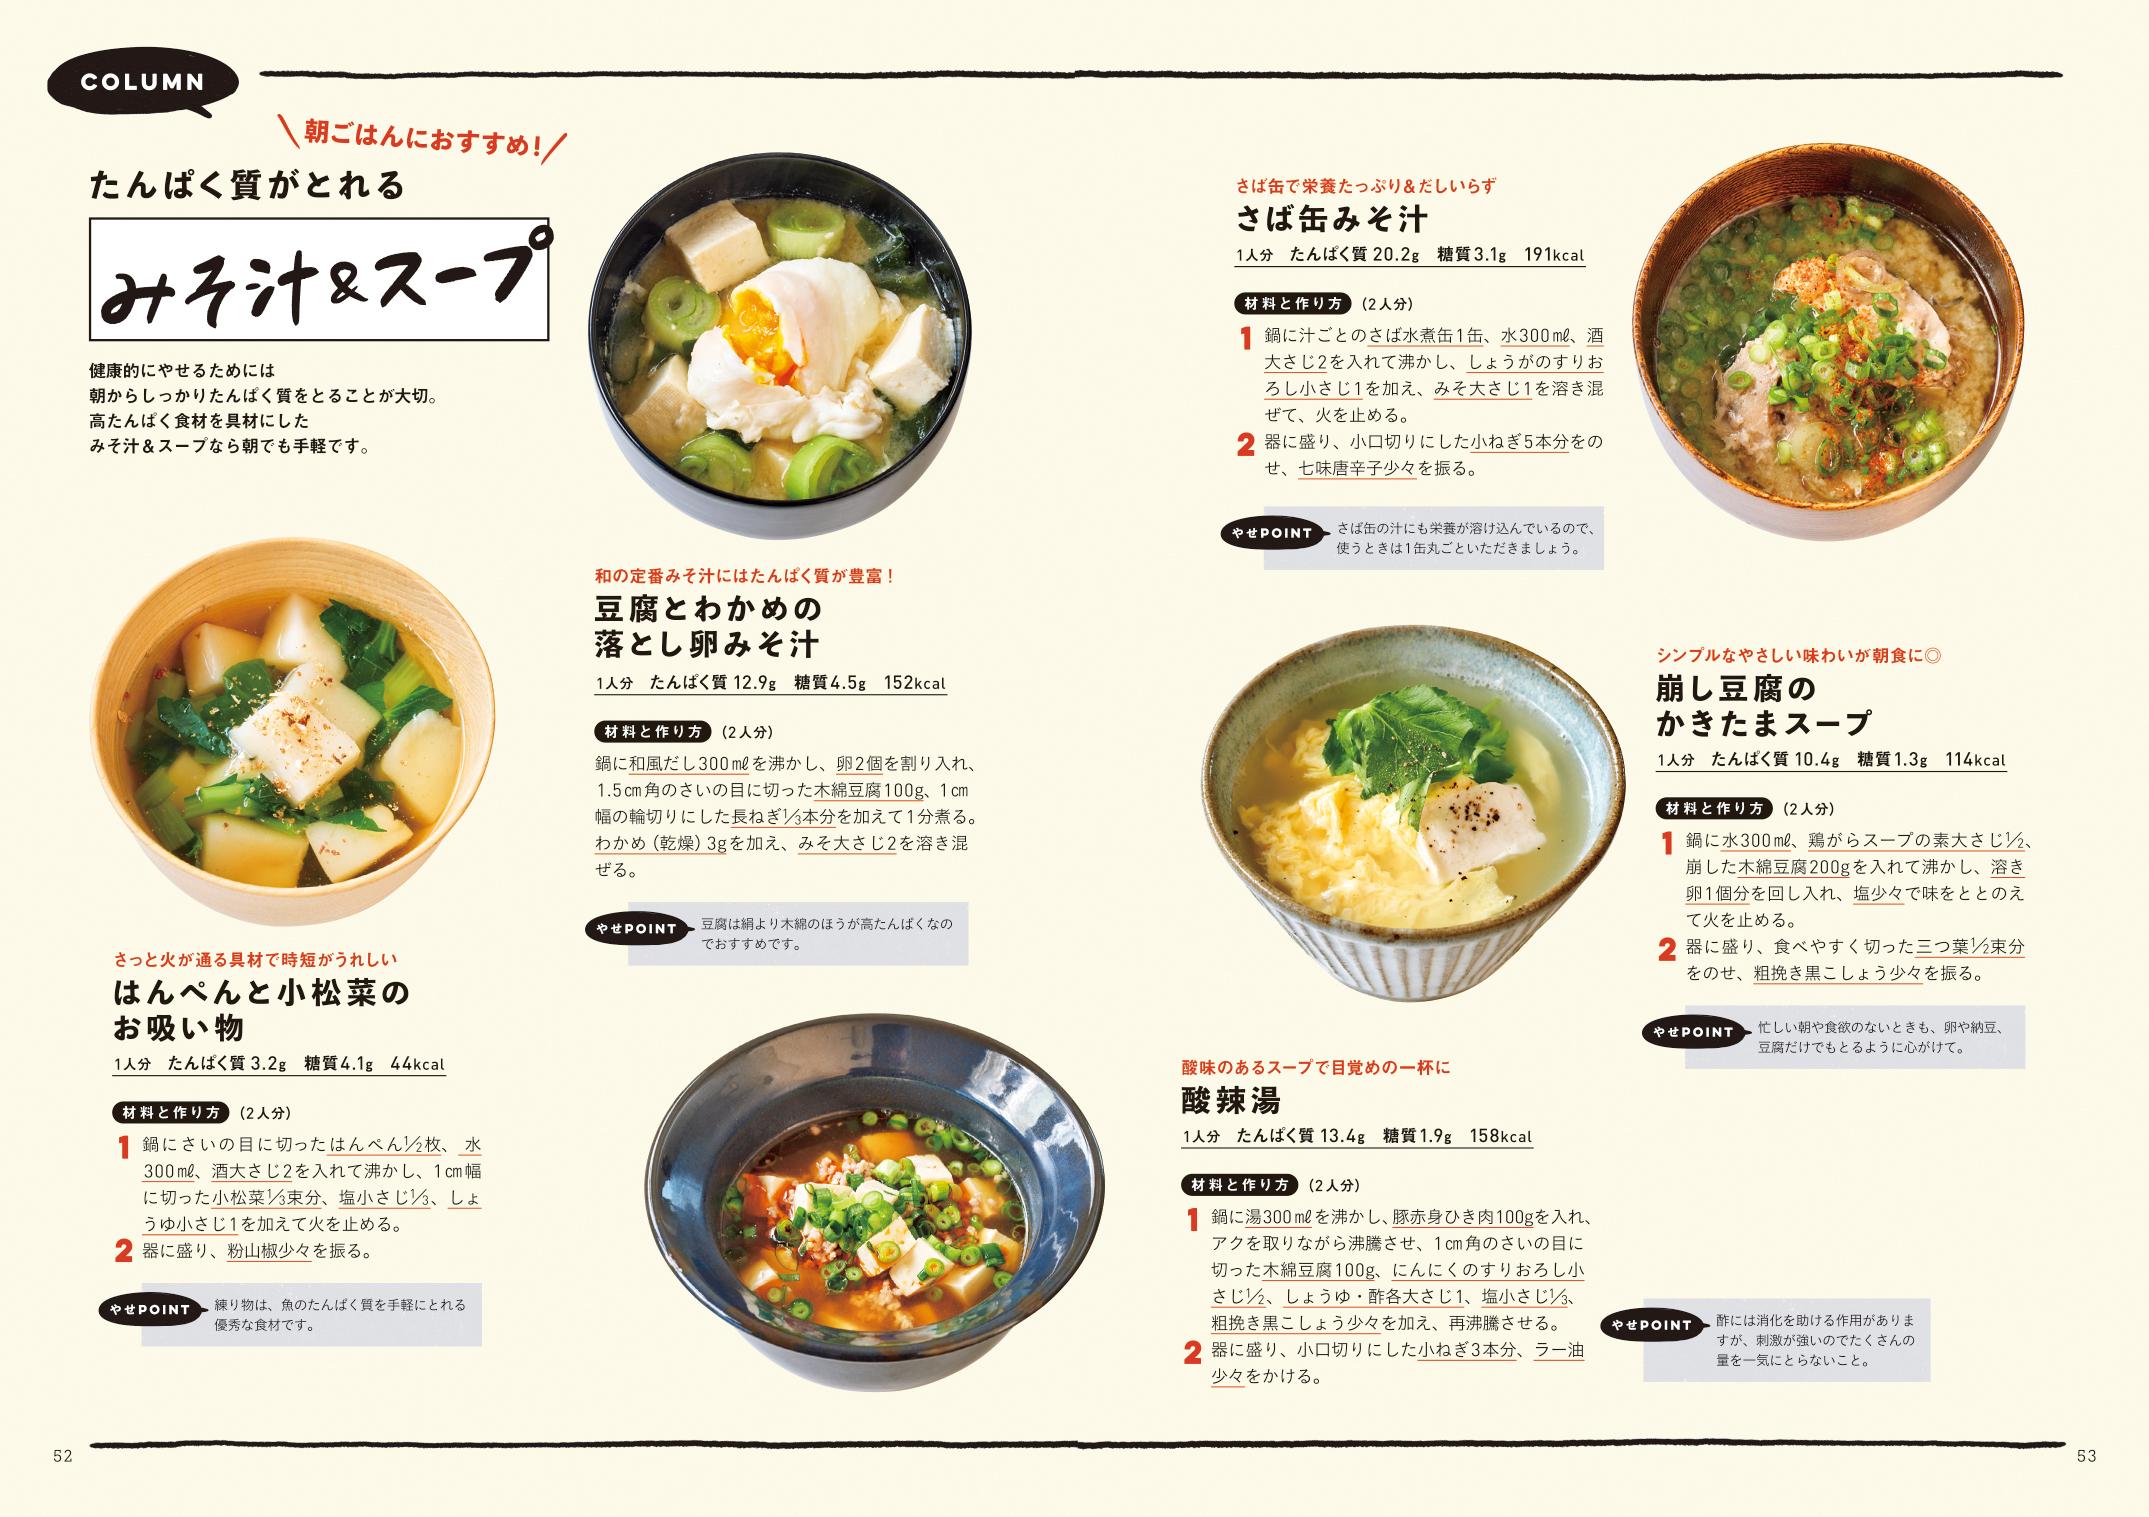 「朝食におすすめのみそ汁とスープ」紙面